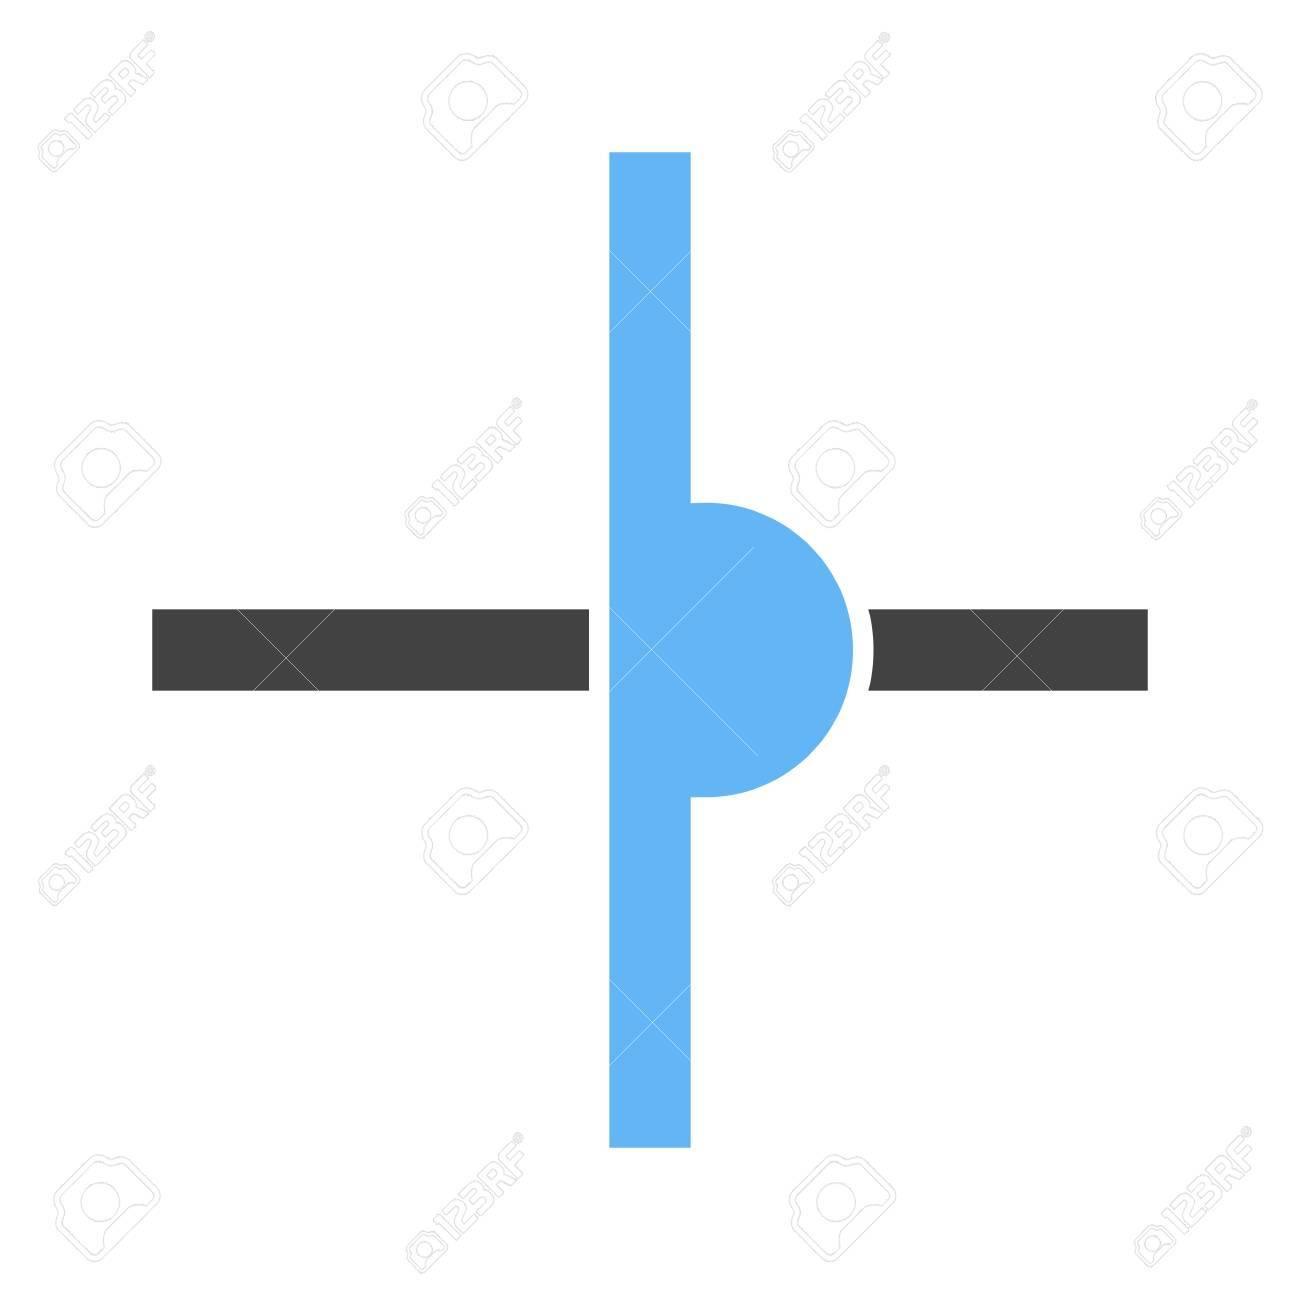 Strom, Draht, Gekreuzt Symbol Vektor-Bild. Kann Auch Für Elektrische ...